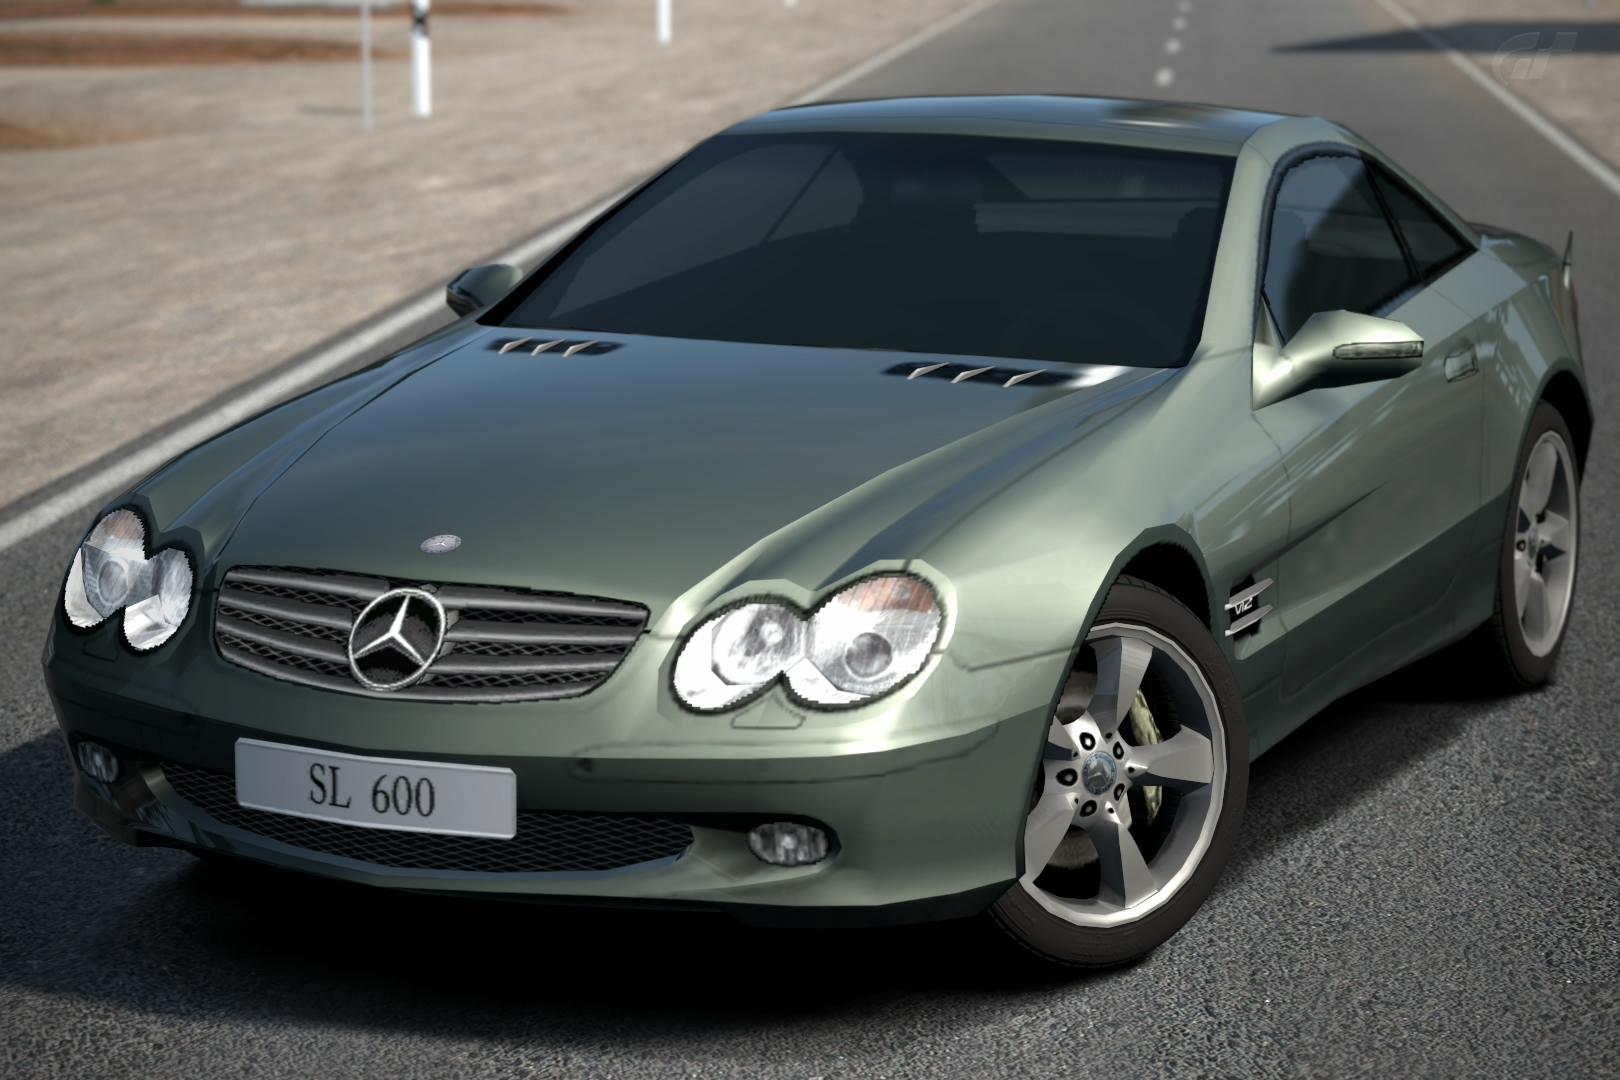 MercedesBenz SL 600 R230 04  Gran Turismo Wiki  Fandom